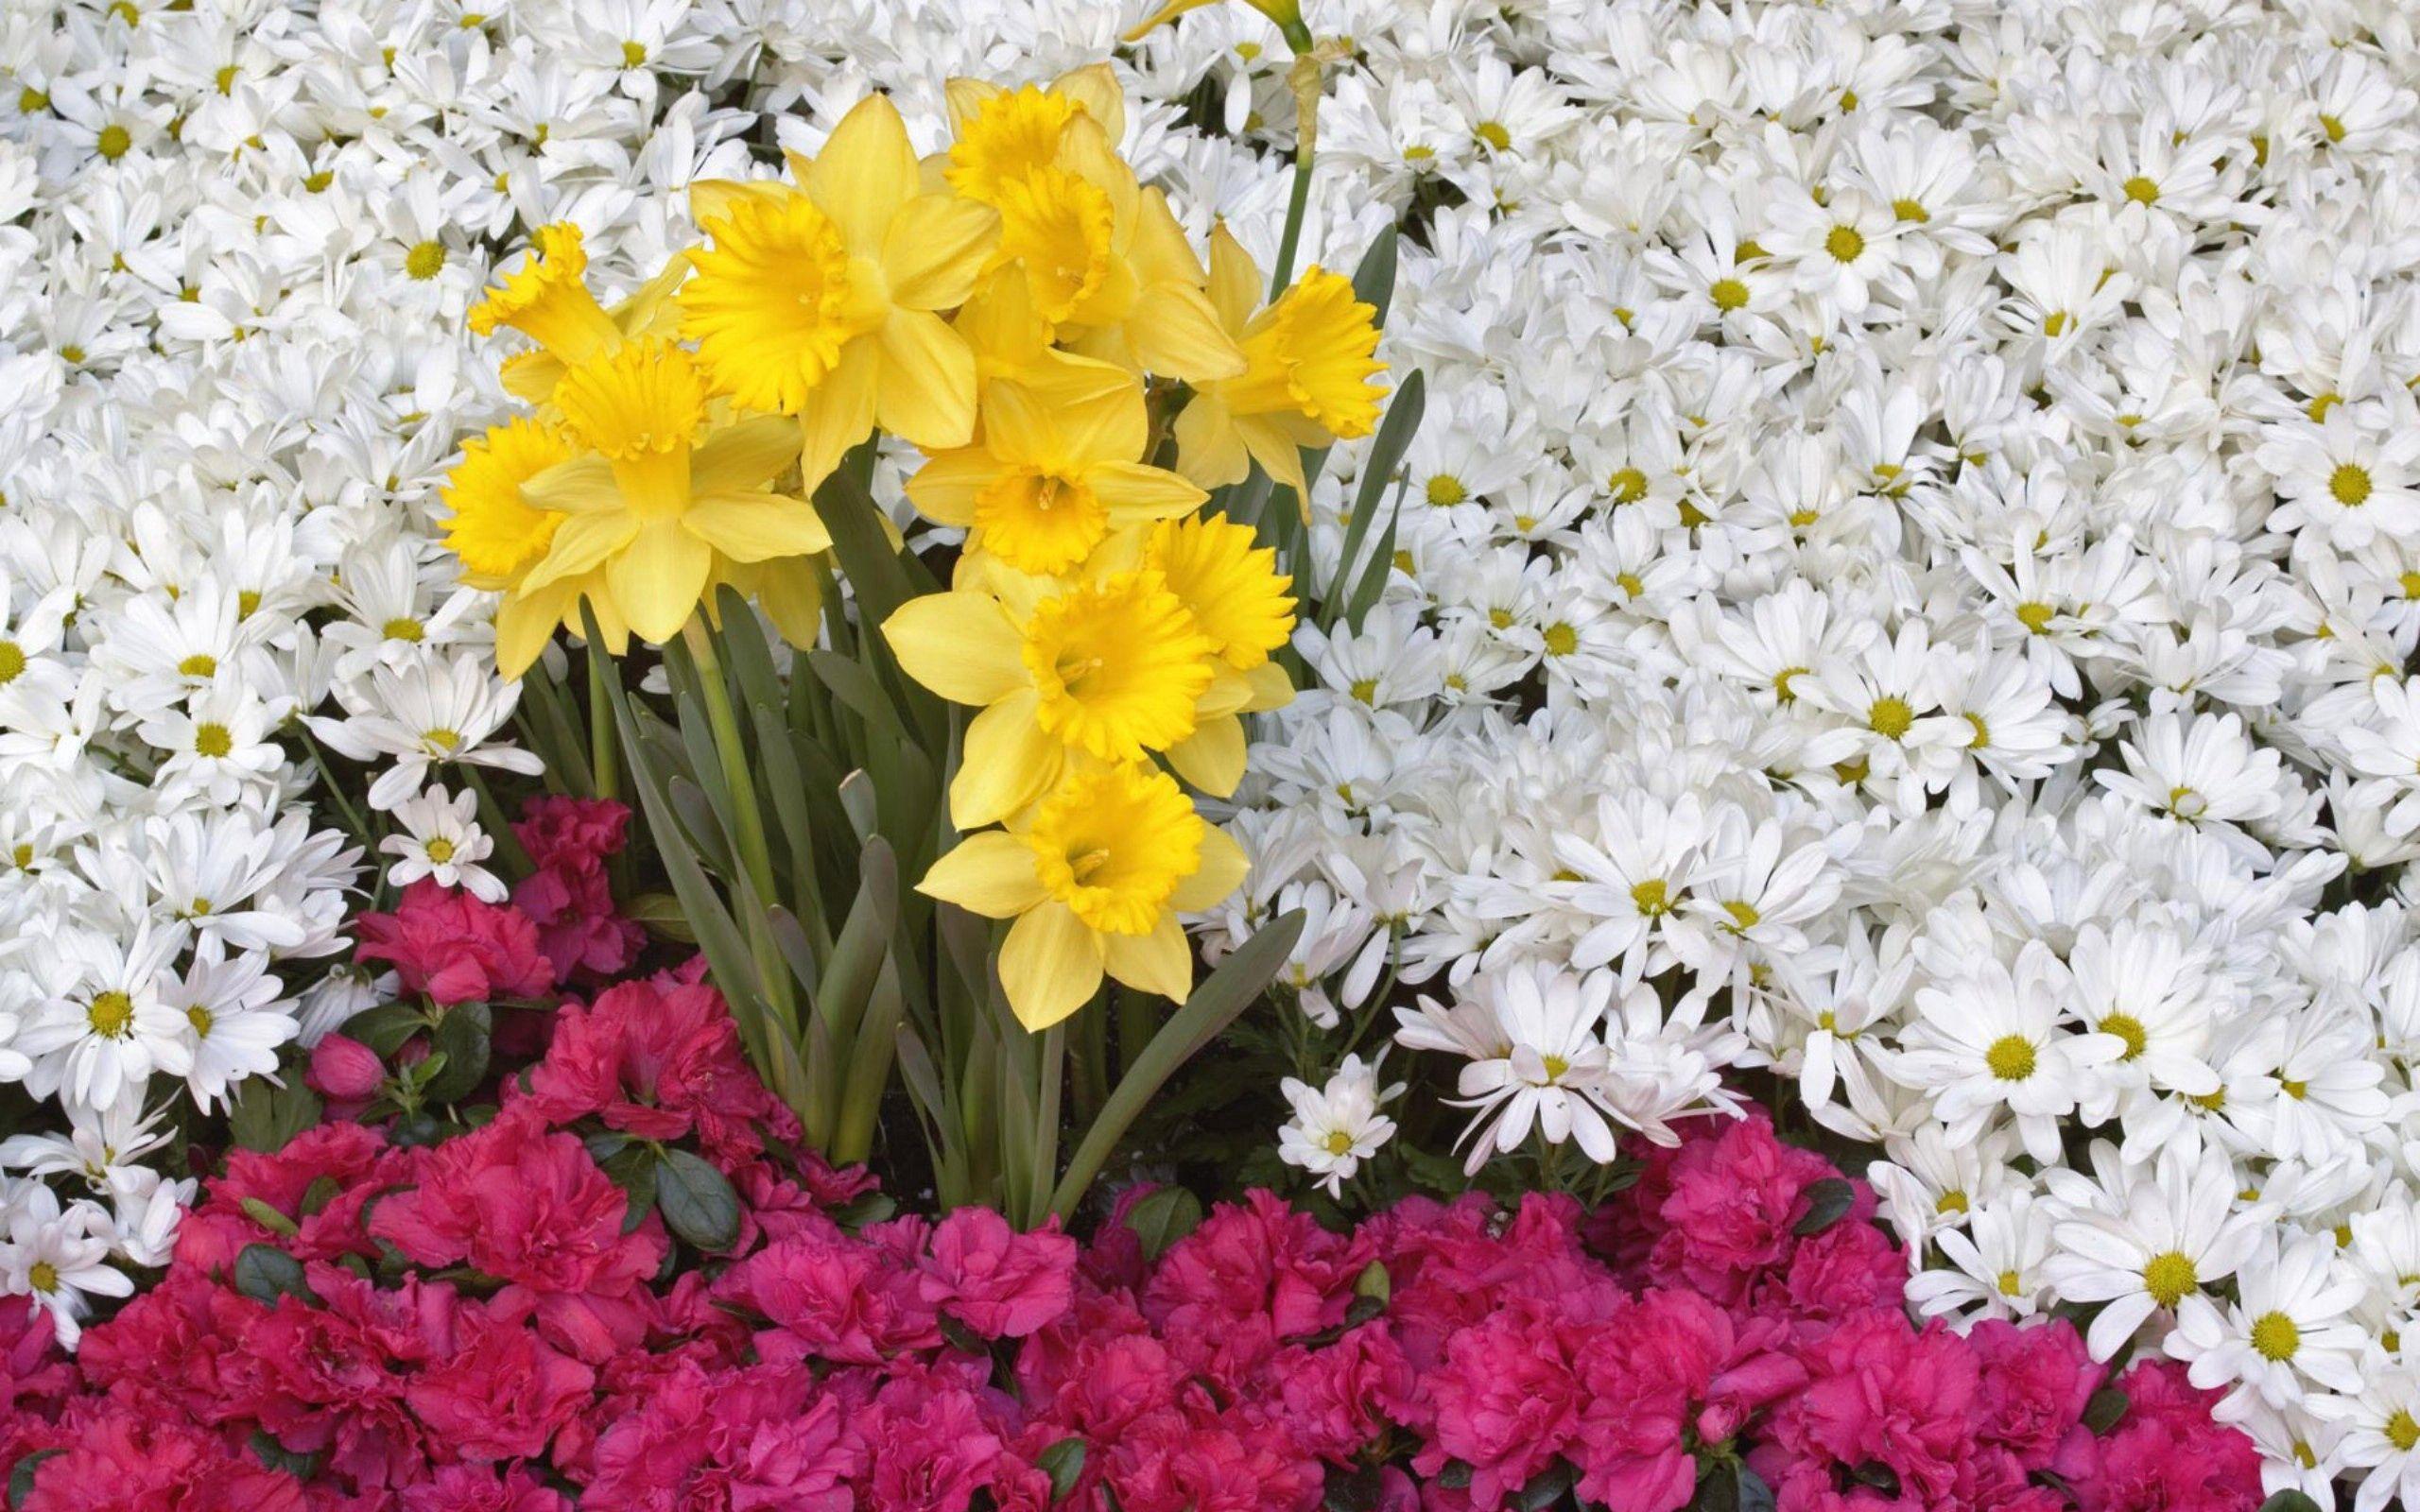 111048 Заставки и Обои Нарциссы на телефон. Скачать Цветы, Ромашки, Нарциссы картинки бесплатно